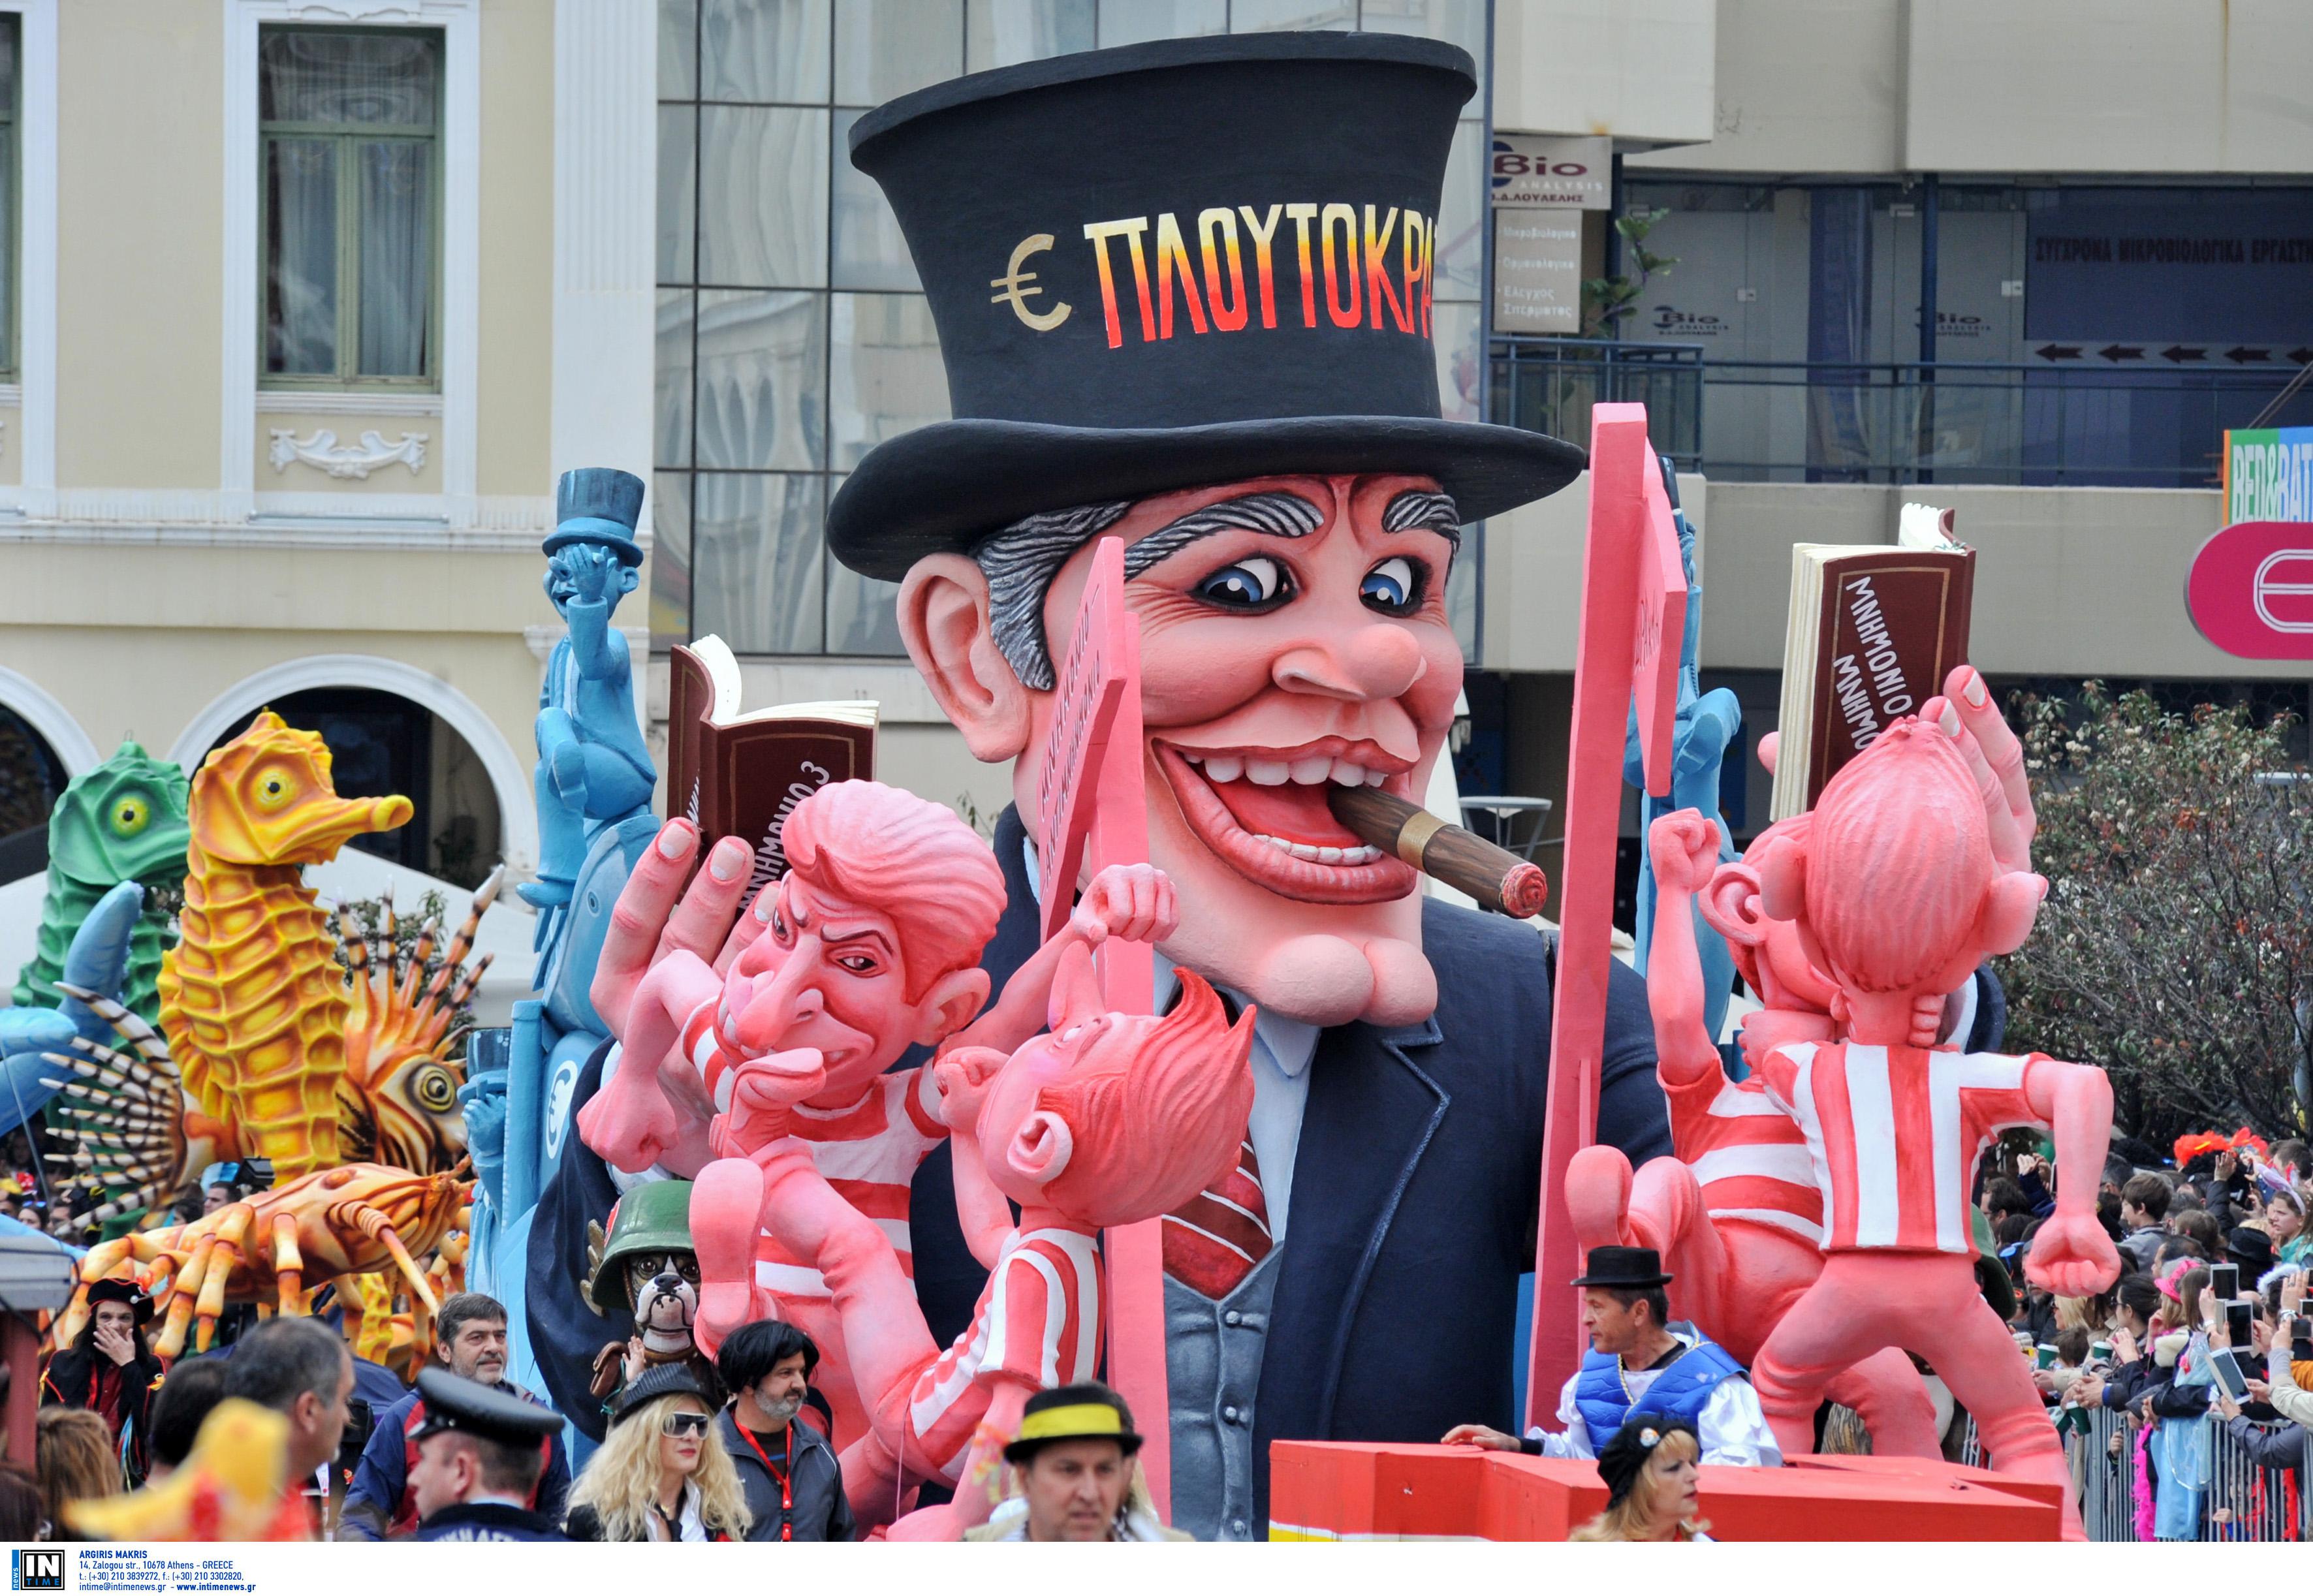 Χανιά: Ματαιώθηκε και επισήμως το καρναβάλι – Το μήνυμα του δήμου στους κατοίκους της πόλης